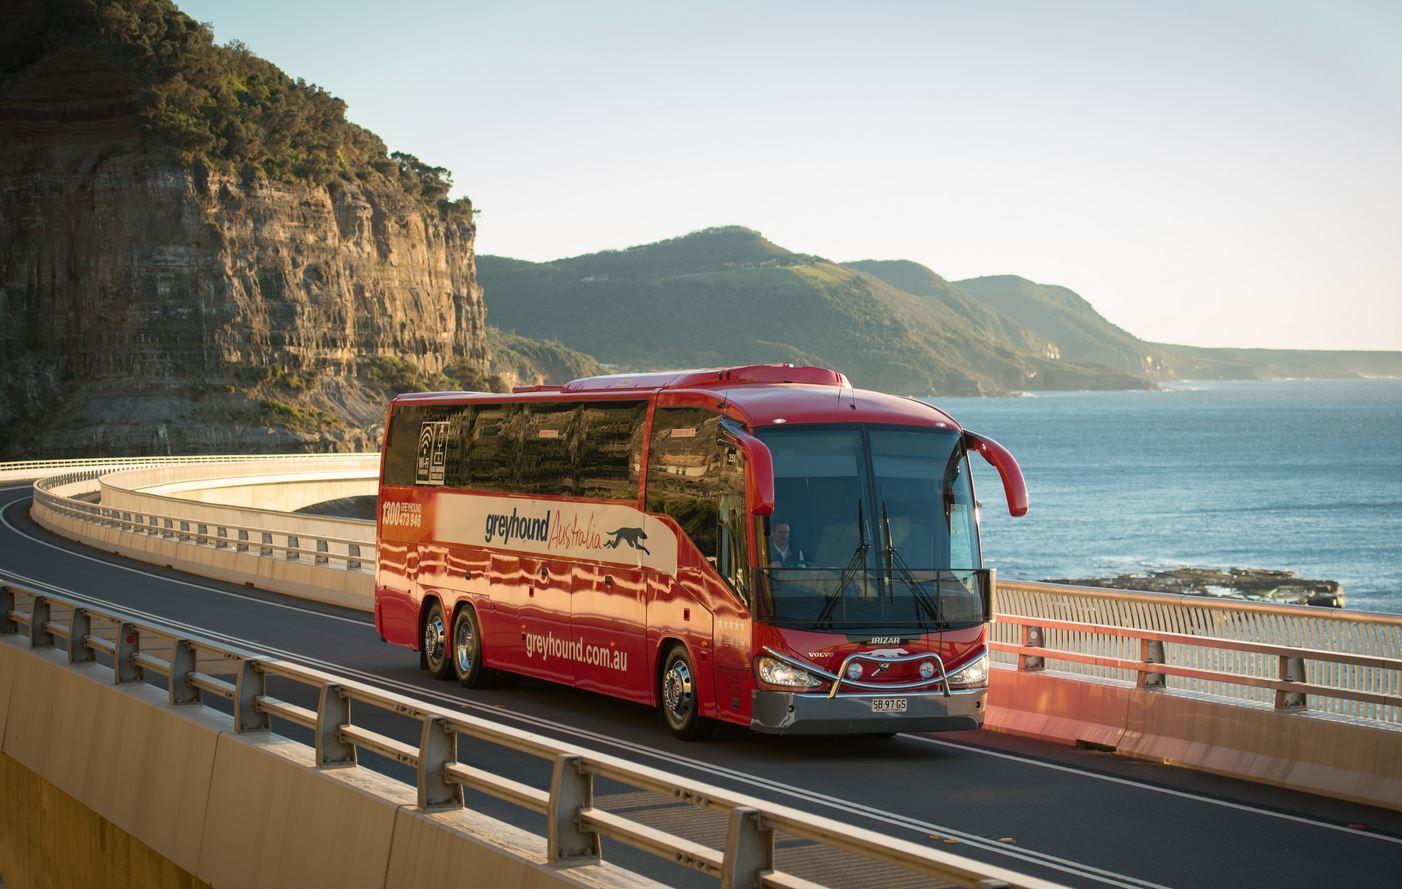 实测 美国灰狗巴士 省钱的另类旅游方式 - 手机马蜂窝